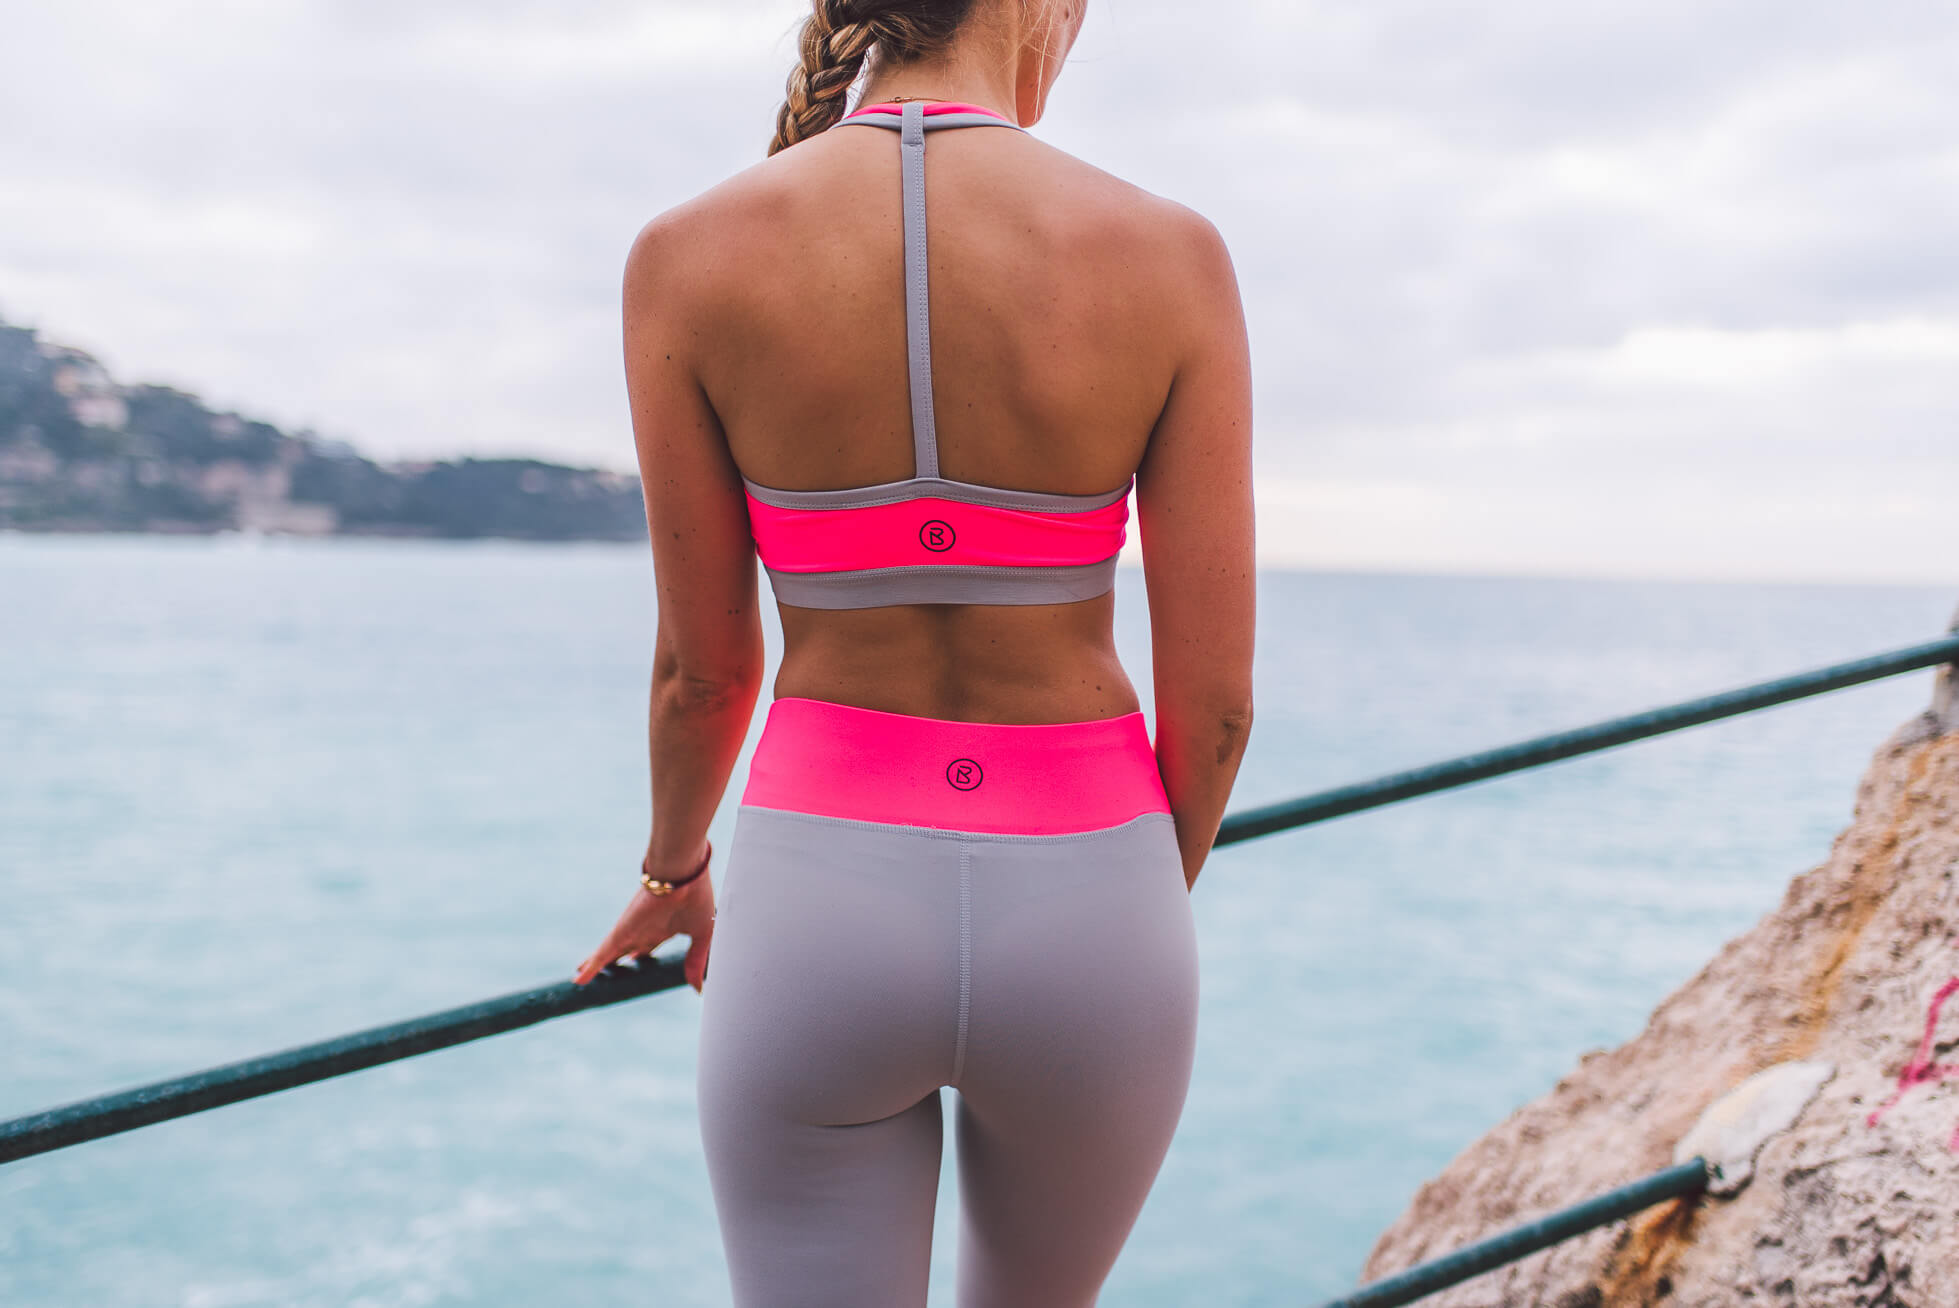 janni-deler-pink-sky-bring-sportswearDSC_8921